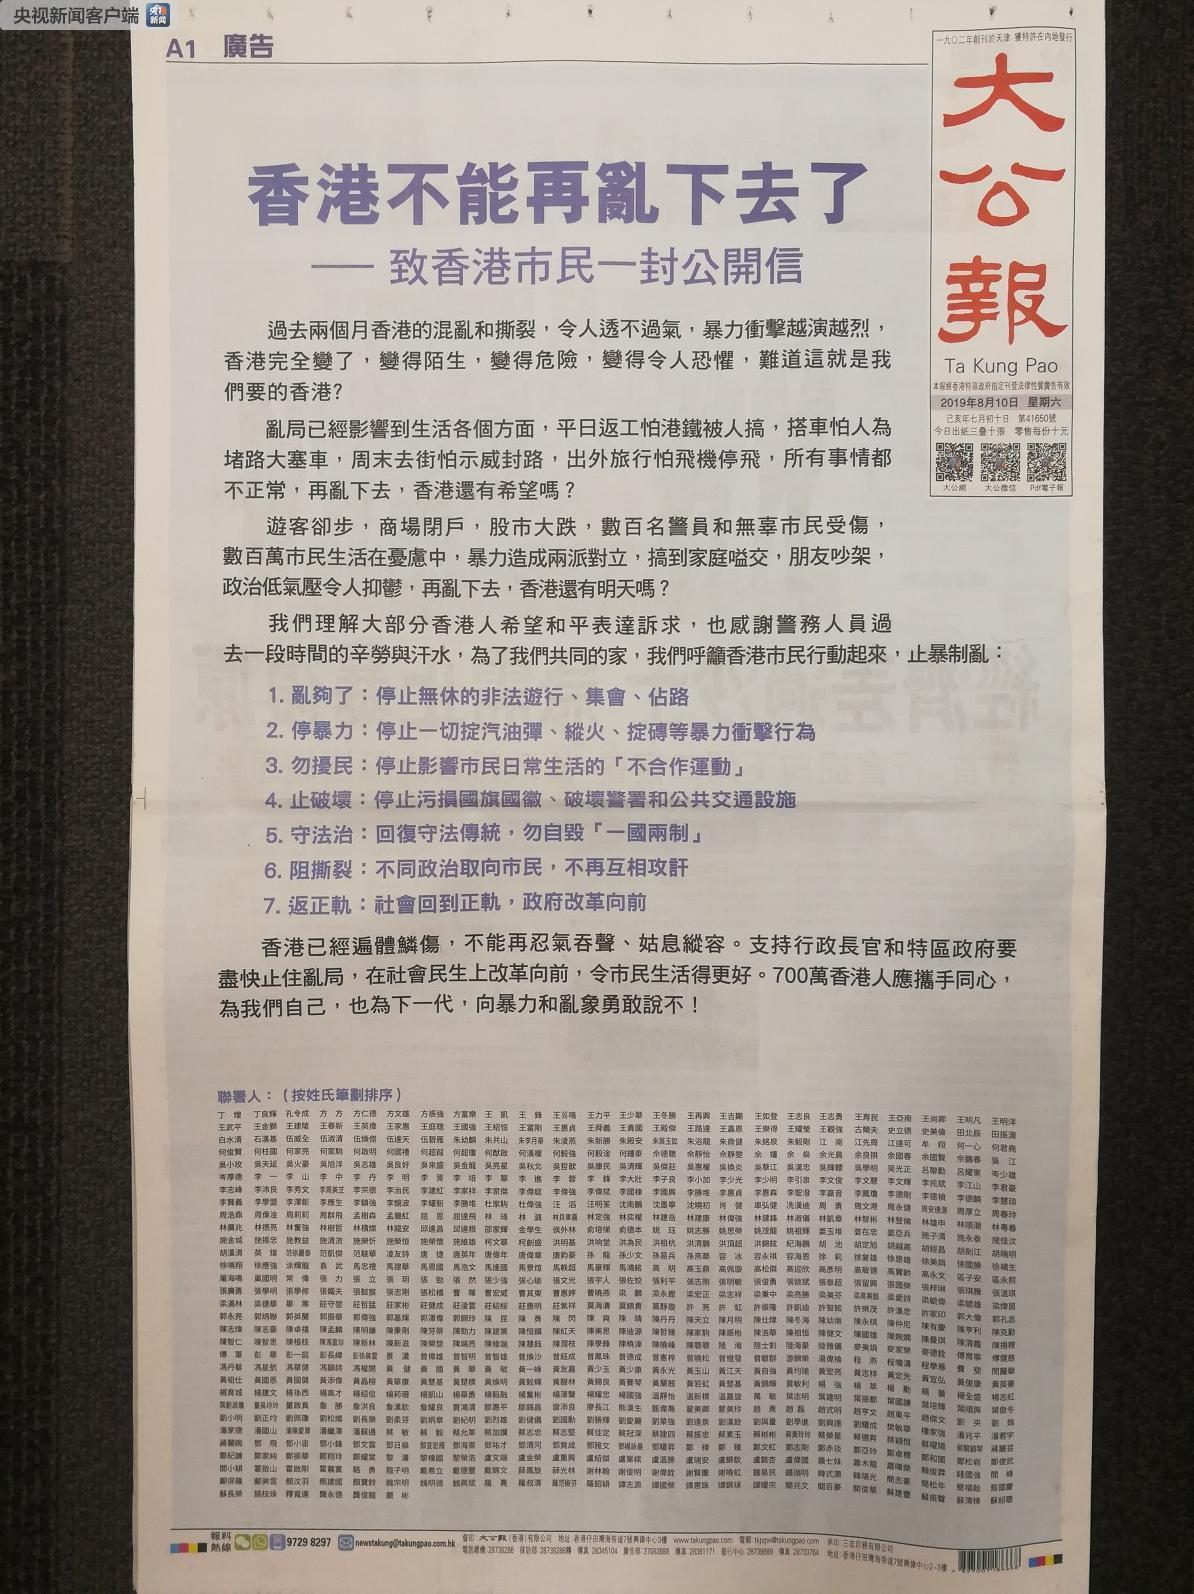 △ 大公报头版刊登《香港不能再乱下去了》